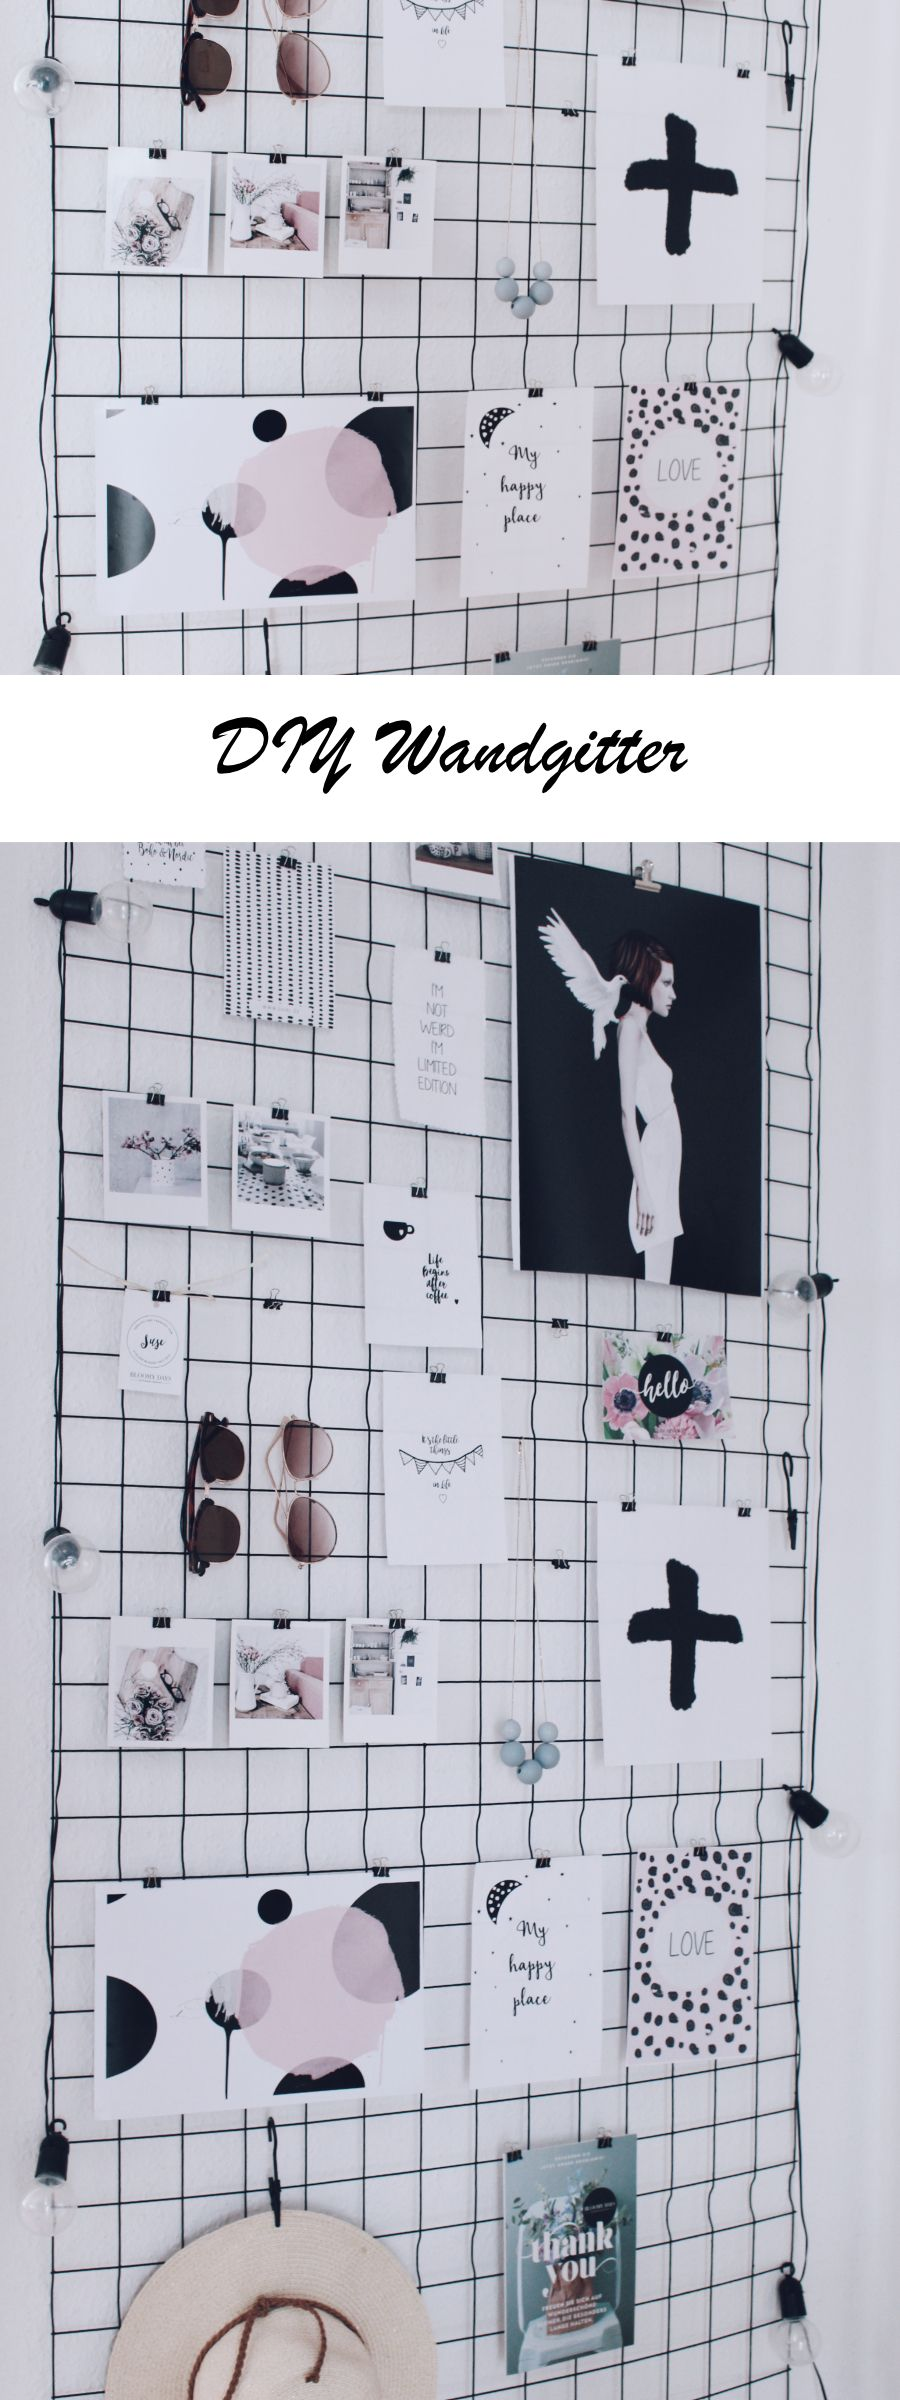 diy wandgitter selber machen wozu ein estrichgitter auch noch gut ist diy pinterest. Black Bedroom Furniture Sets. Home Design Ideas